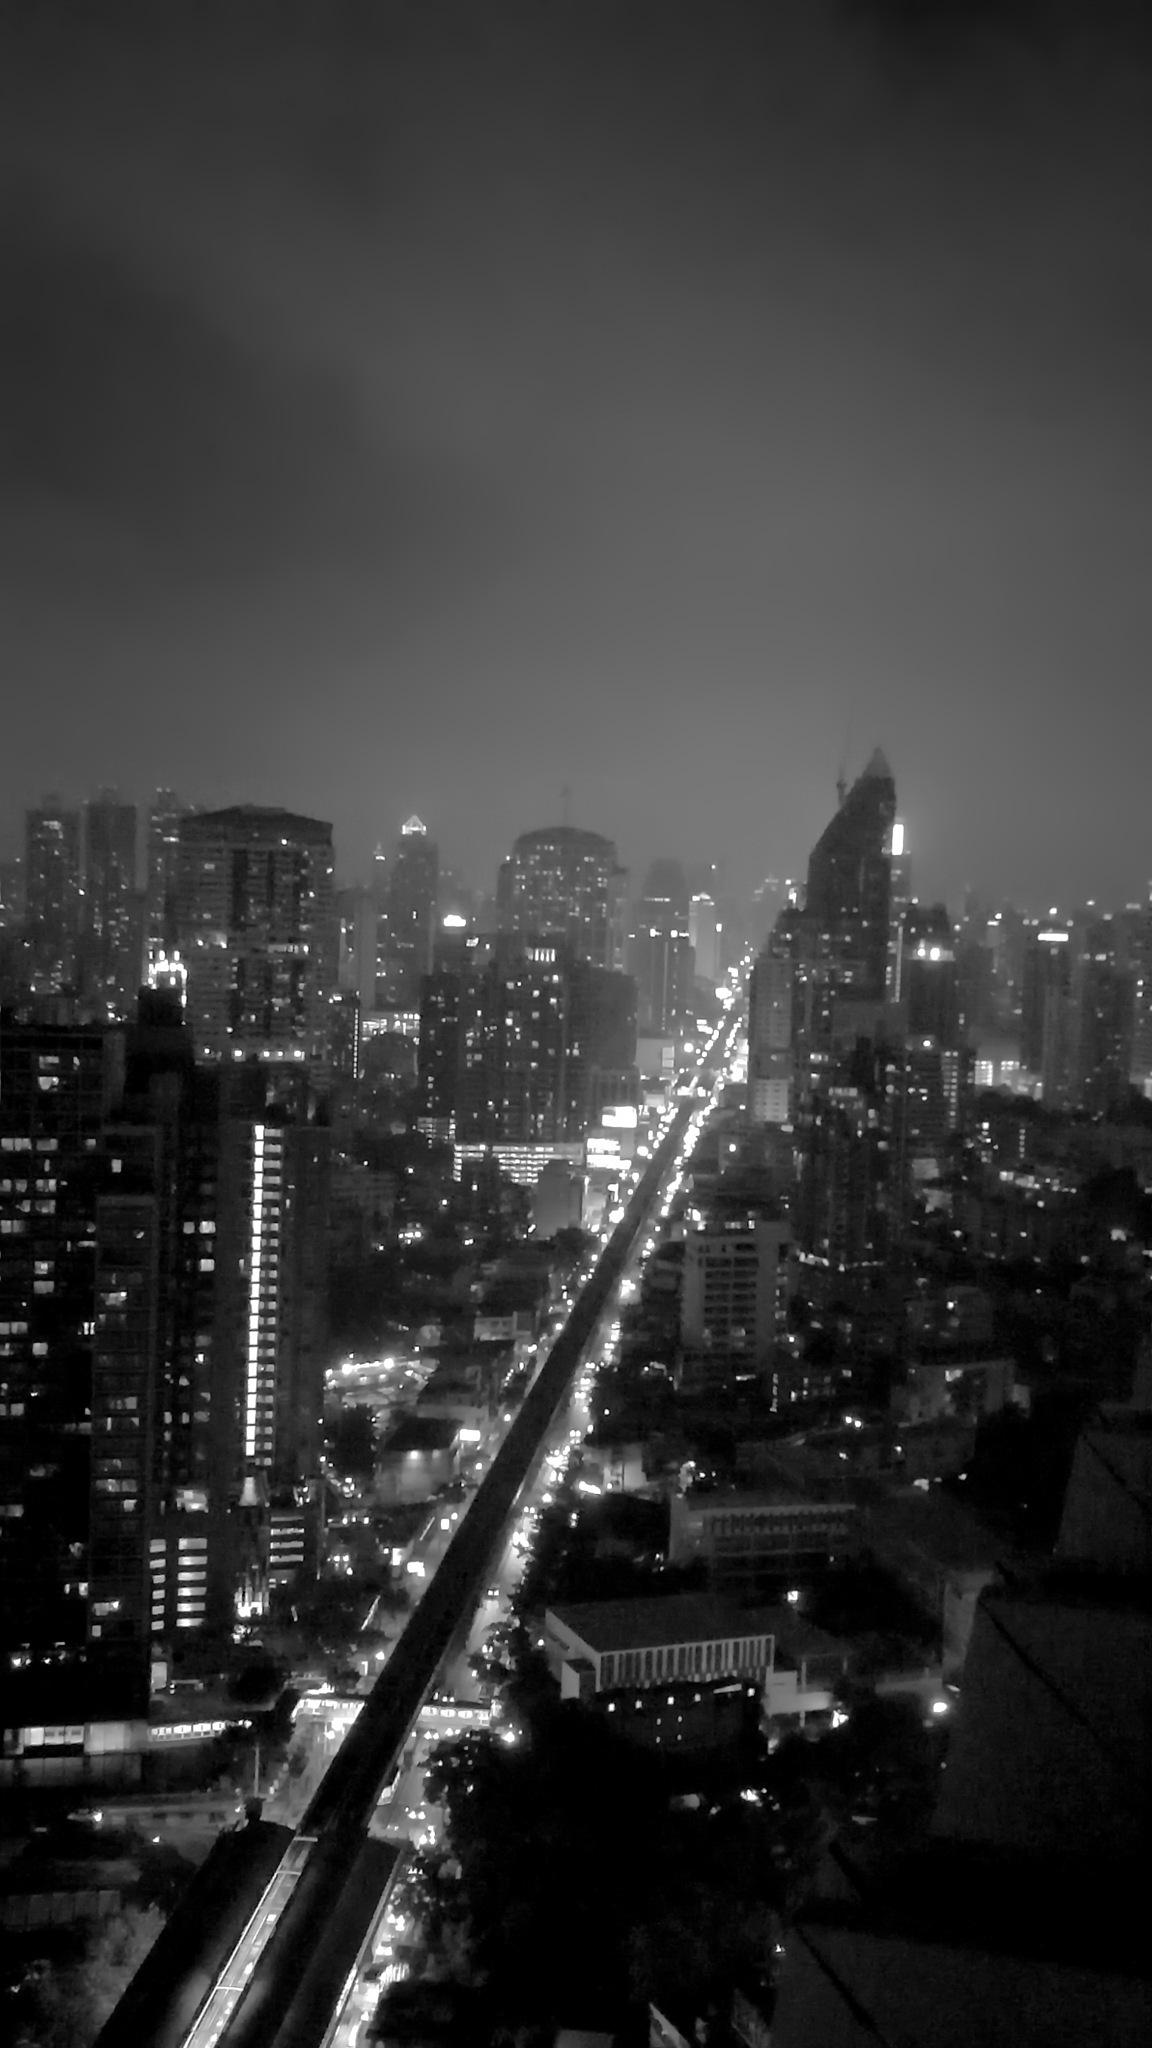 Bangkok Cloudy Night by Bert Lee